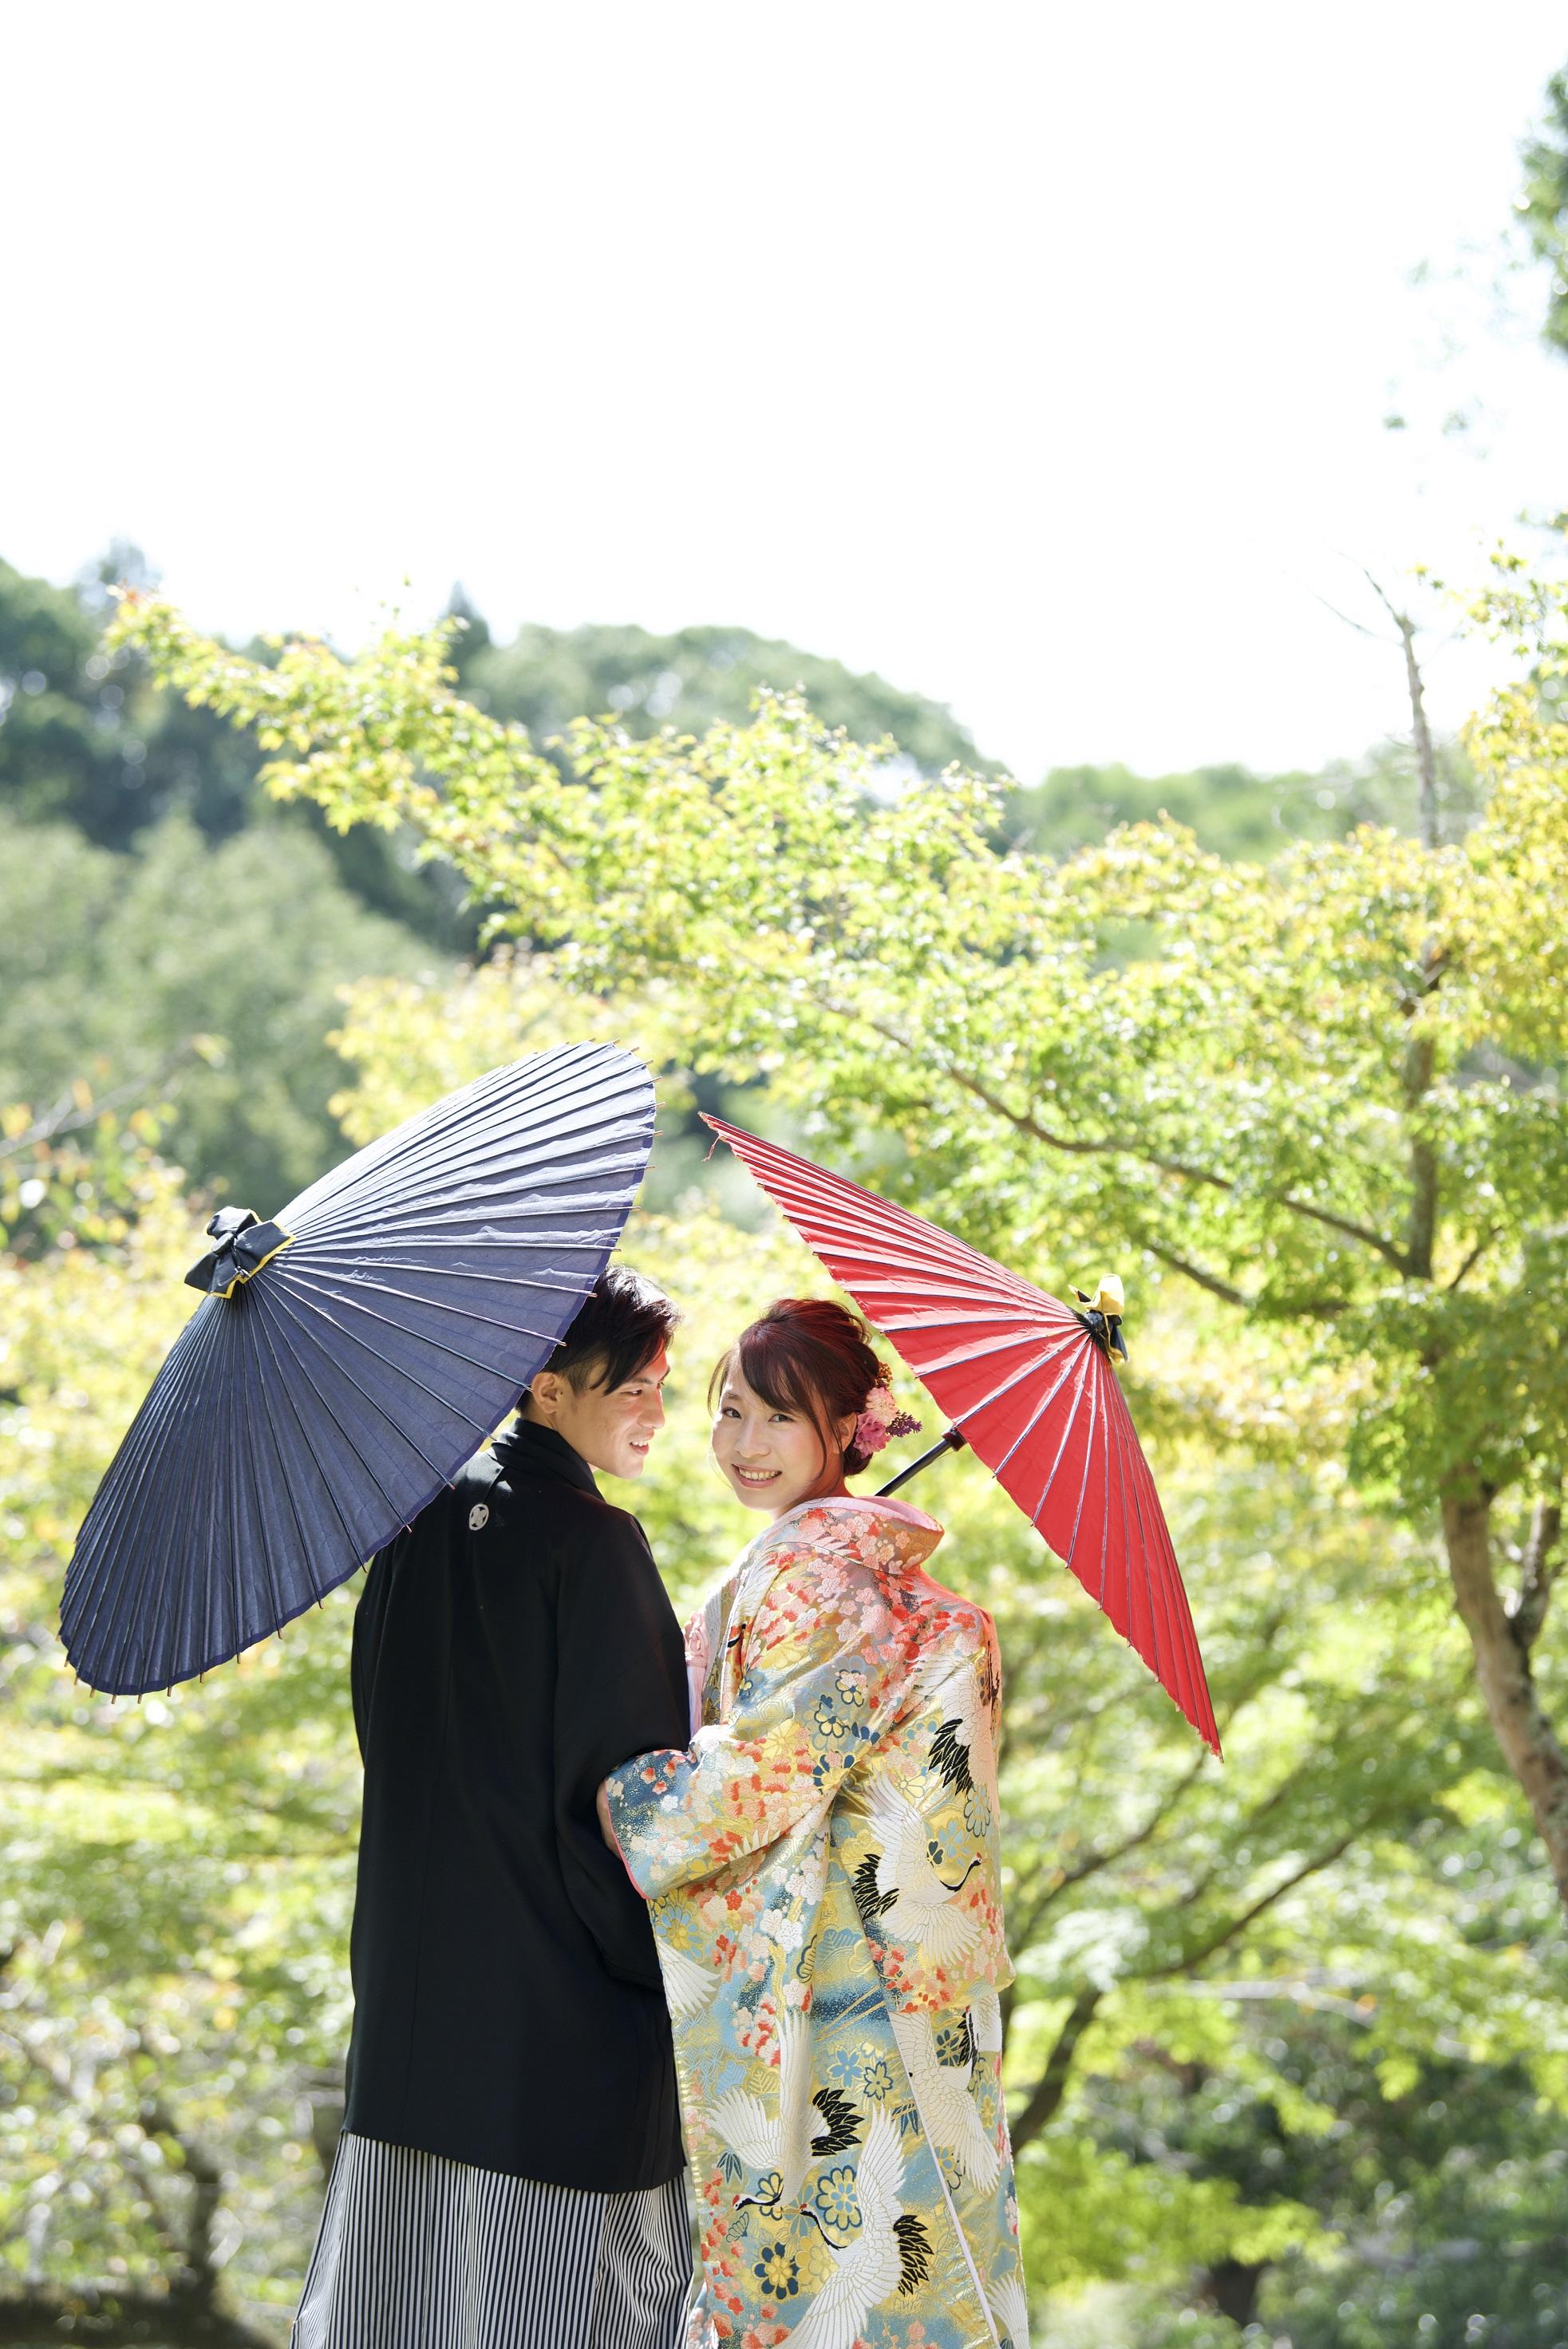 和装ロケーションフォト 浮見堂 2019.10.6 写真